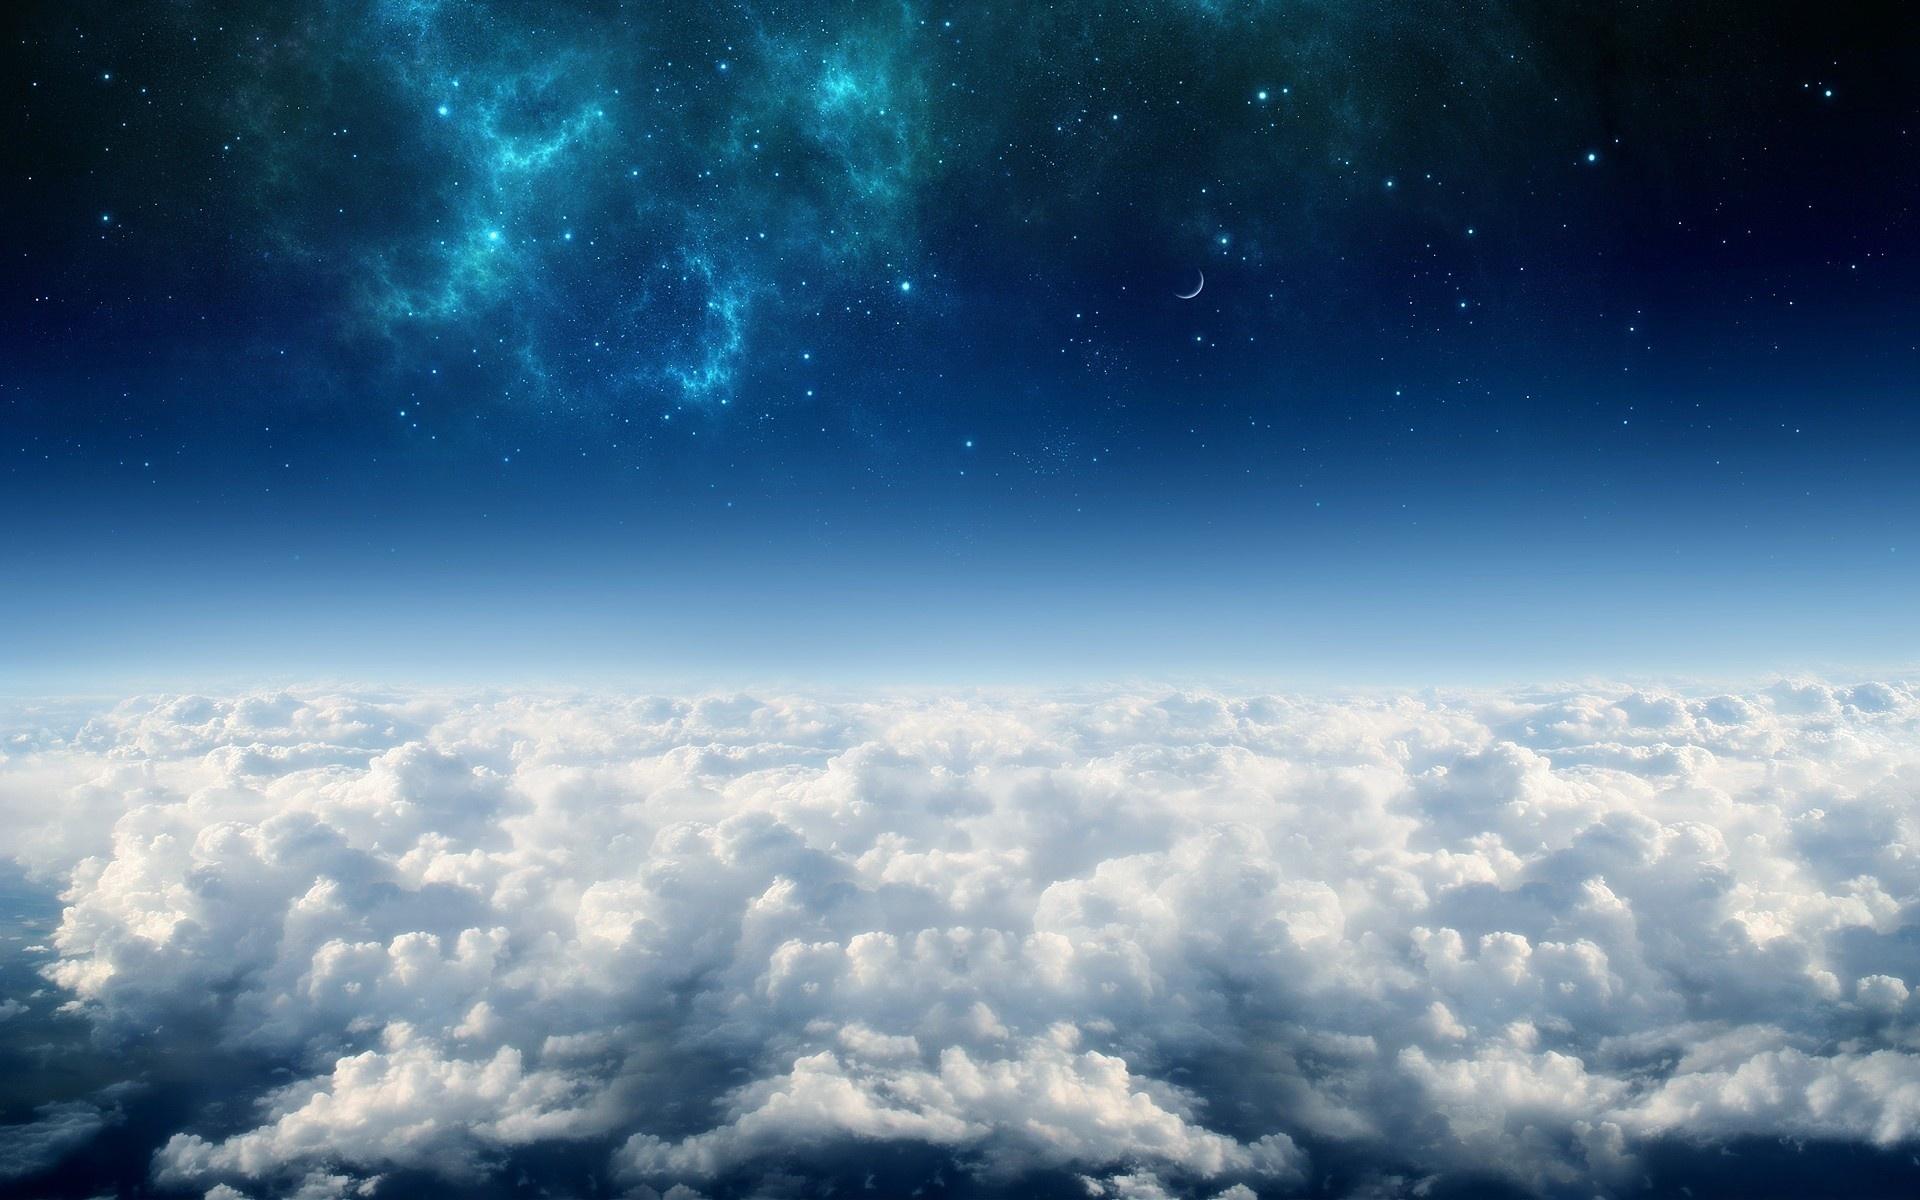 27288 скачать обои Пейзаж, Небо, Звезды, Облака - заставки и картинки бесплатно